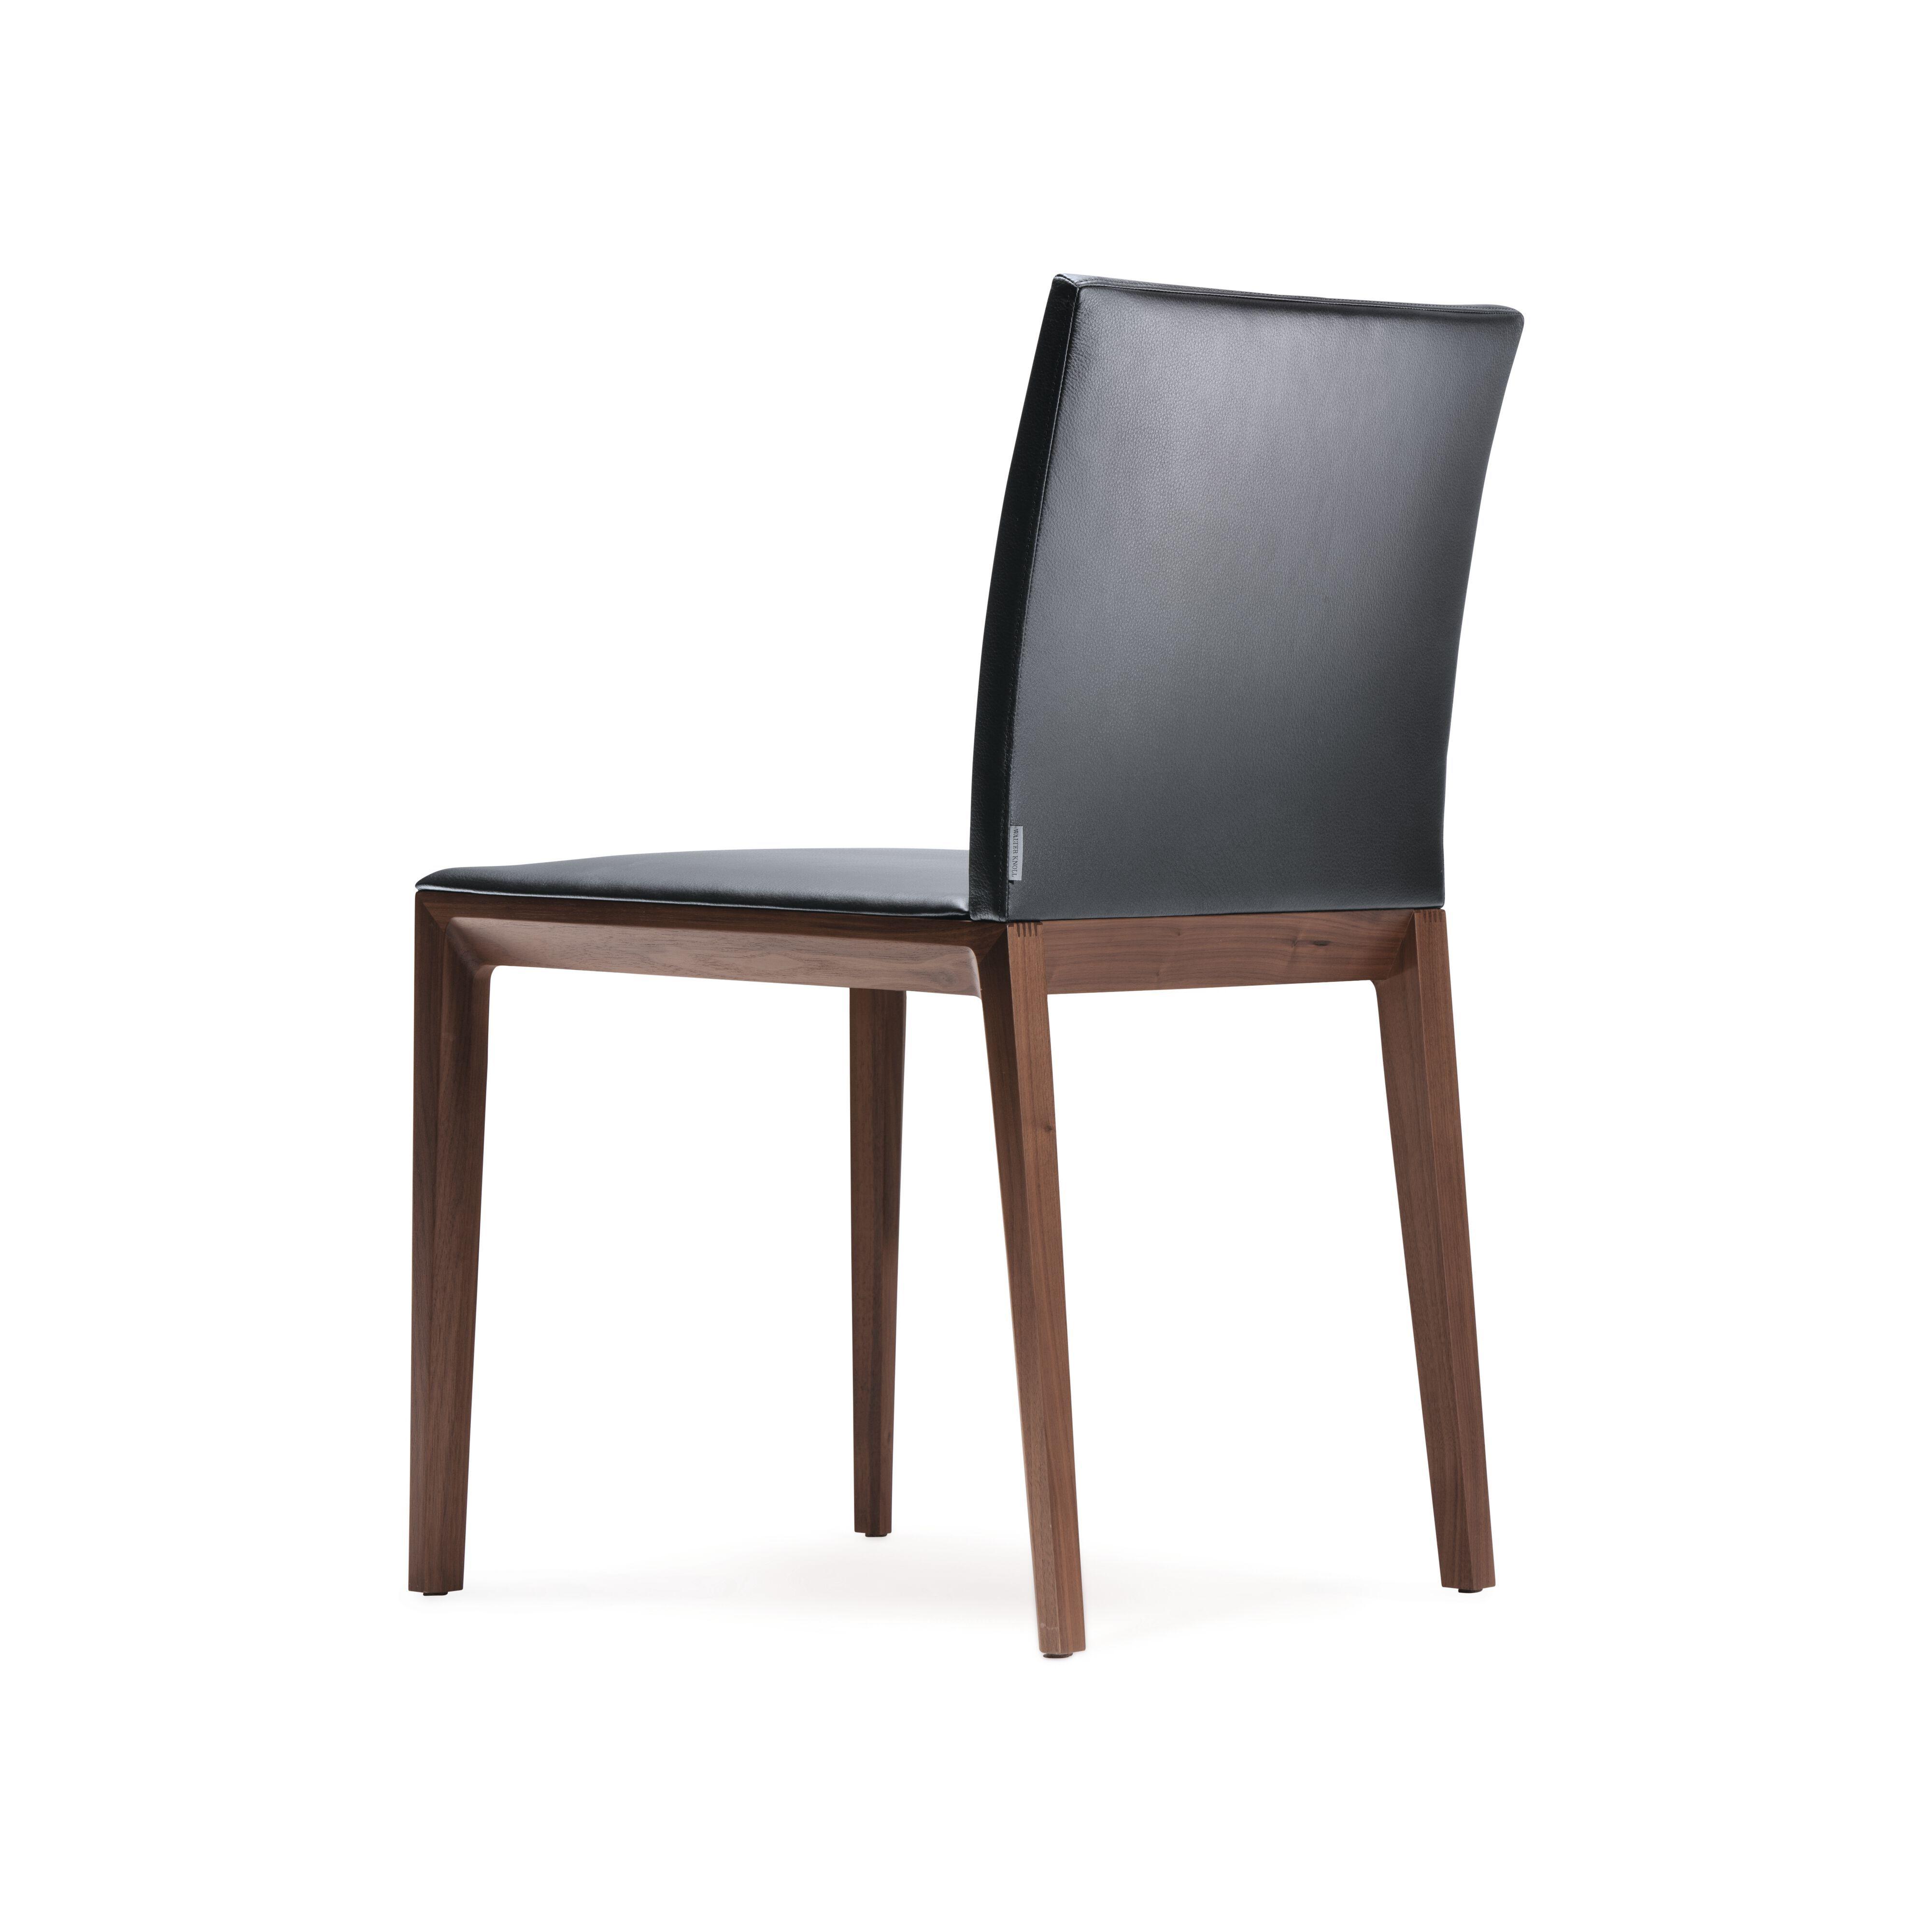 02_WK-Andoo_Chair-0008.tif